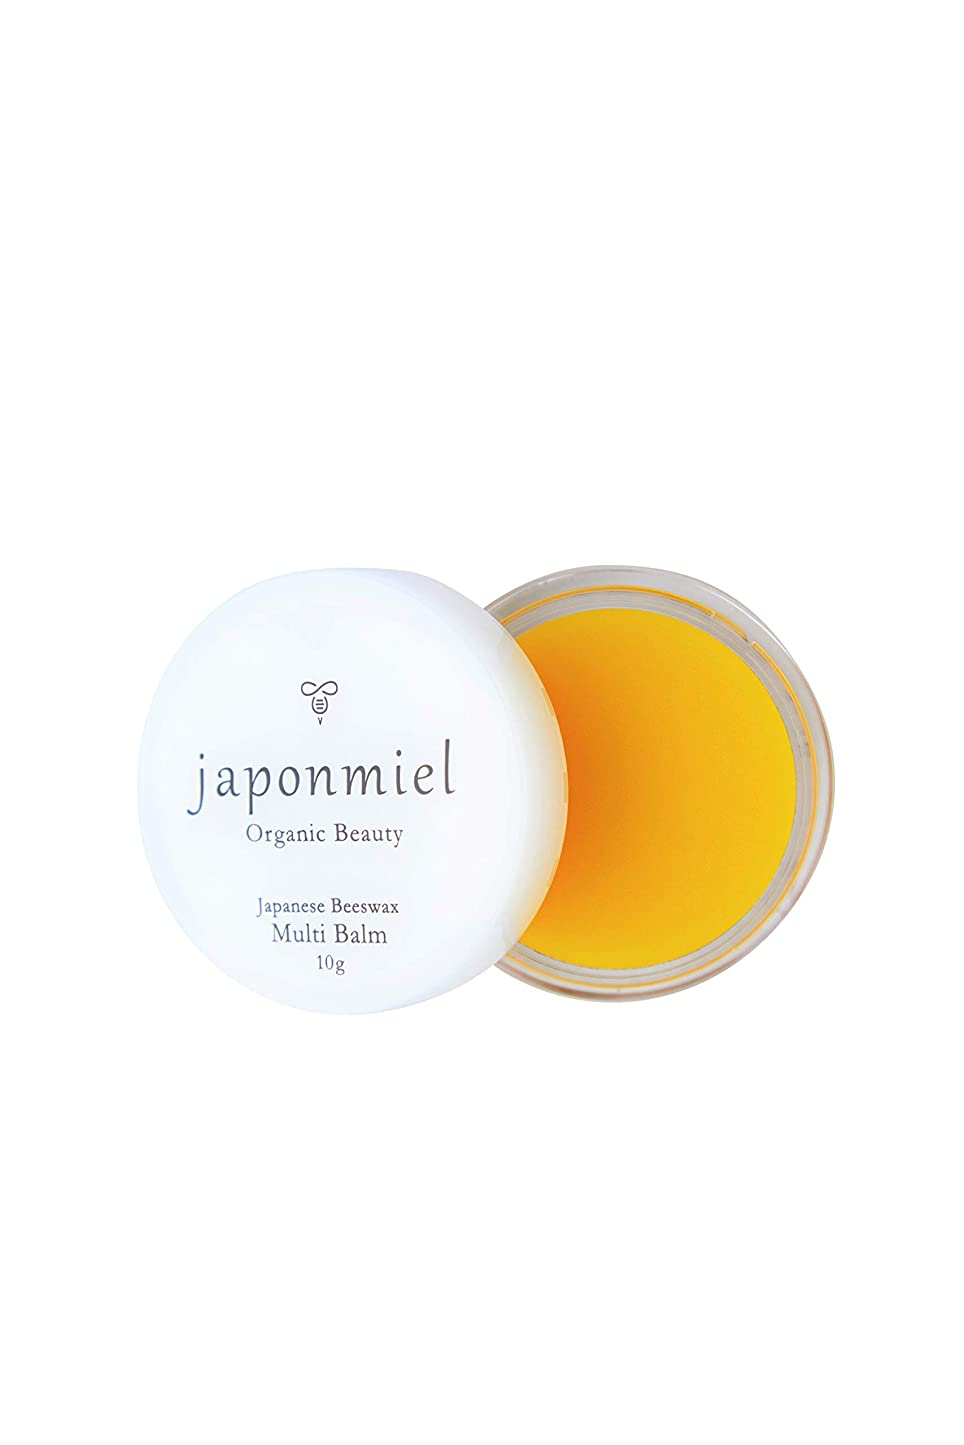 仕事に行くきつく祭りjaponmiel オーガニック マルチバーム 10g (日本ミツバチ ミツロウ 配合 100%自然由来)